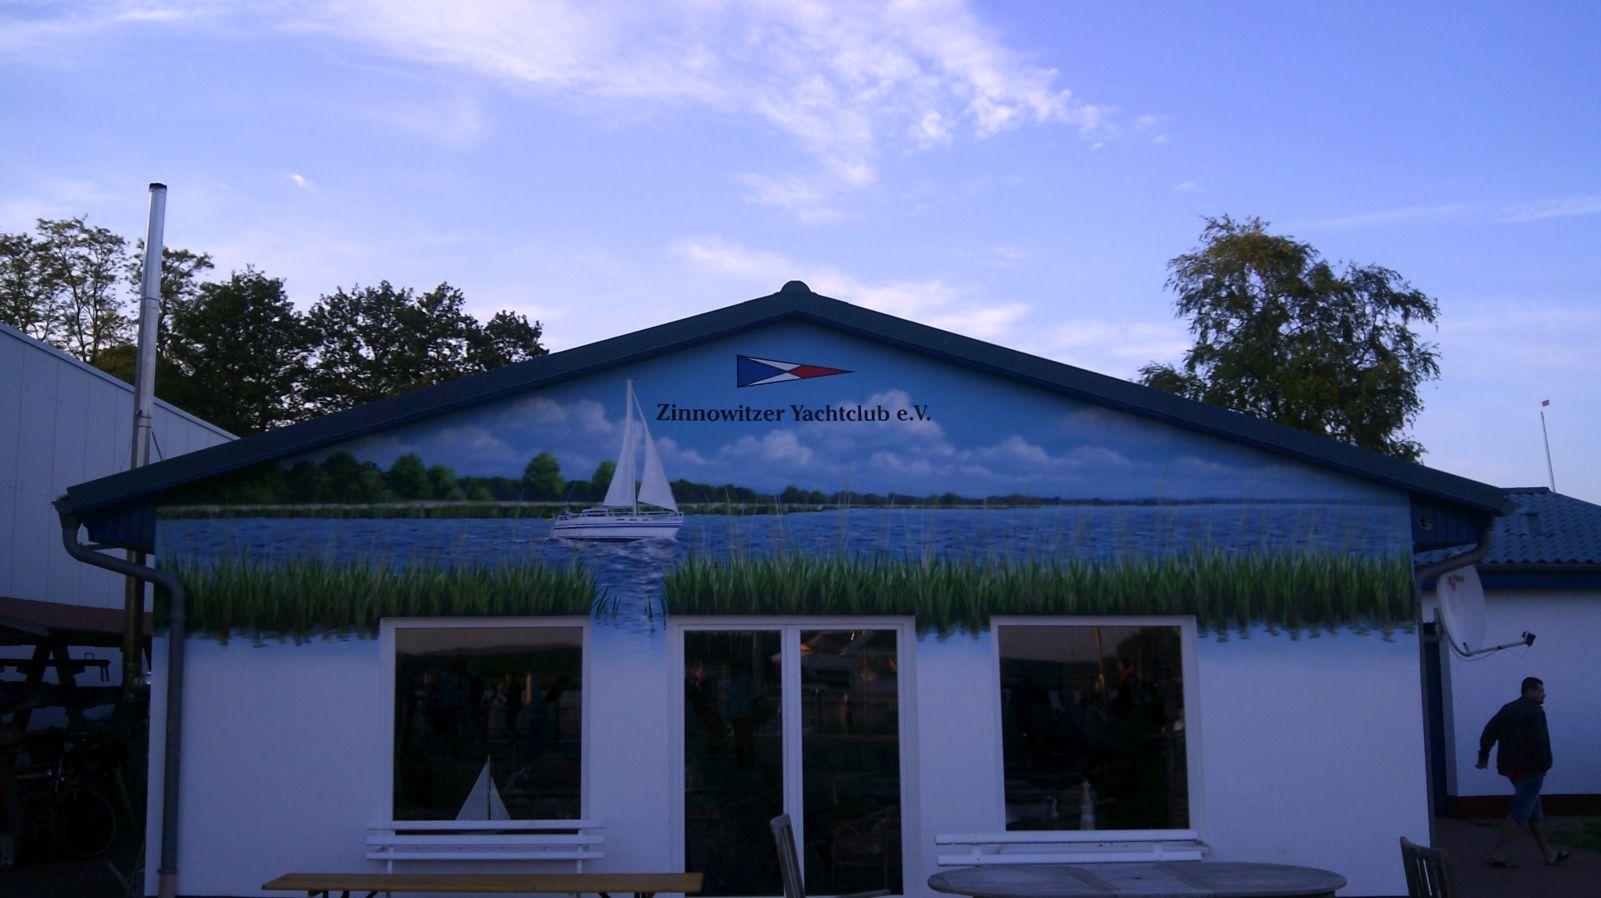 Fassadenmalerei im Yachtclub Zinnowitz